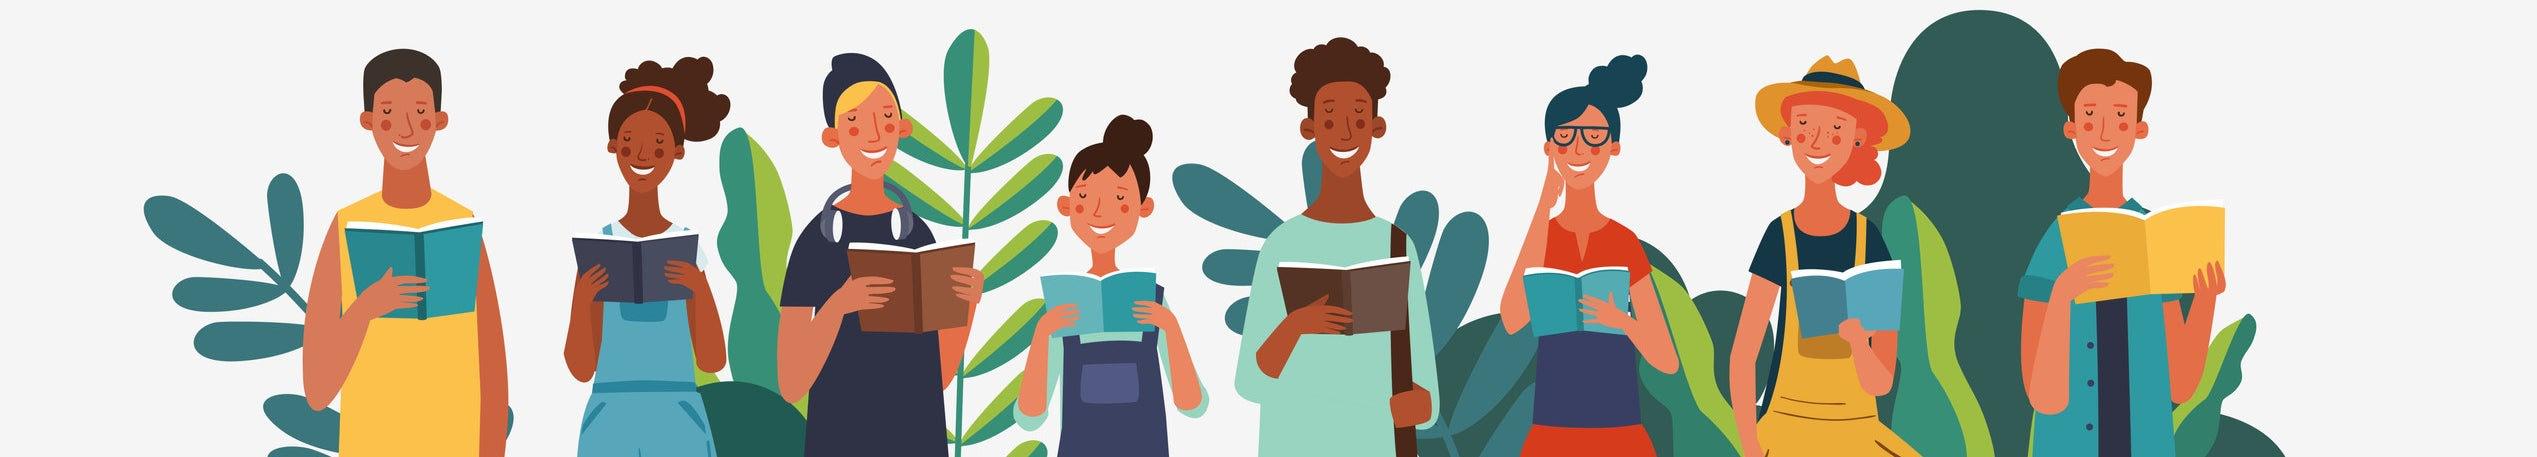 Ilustração com 8 pessoas diferentes segurando livros e sorrindo, lado a lado. Atrás delas desenhos de plantas verdes.